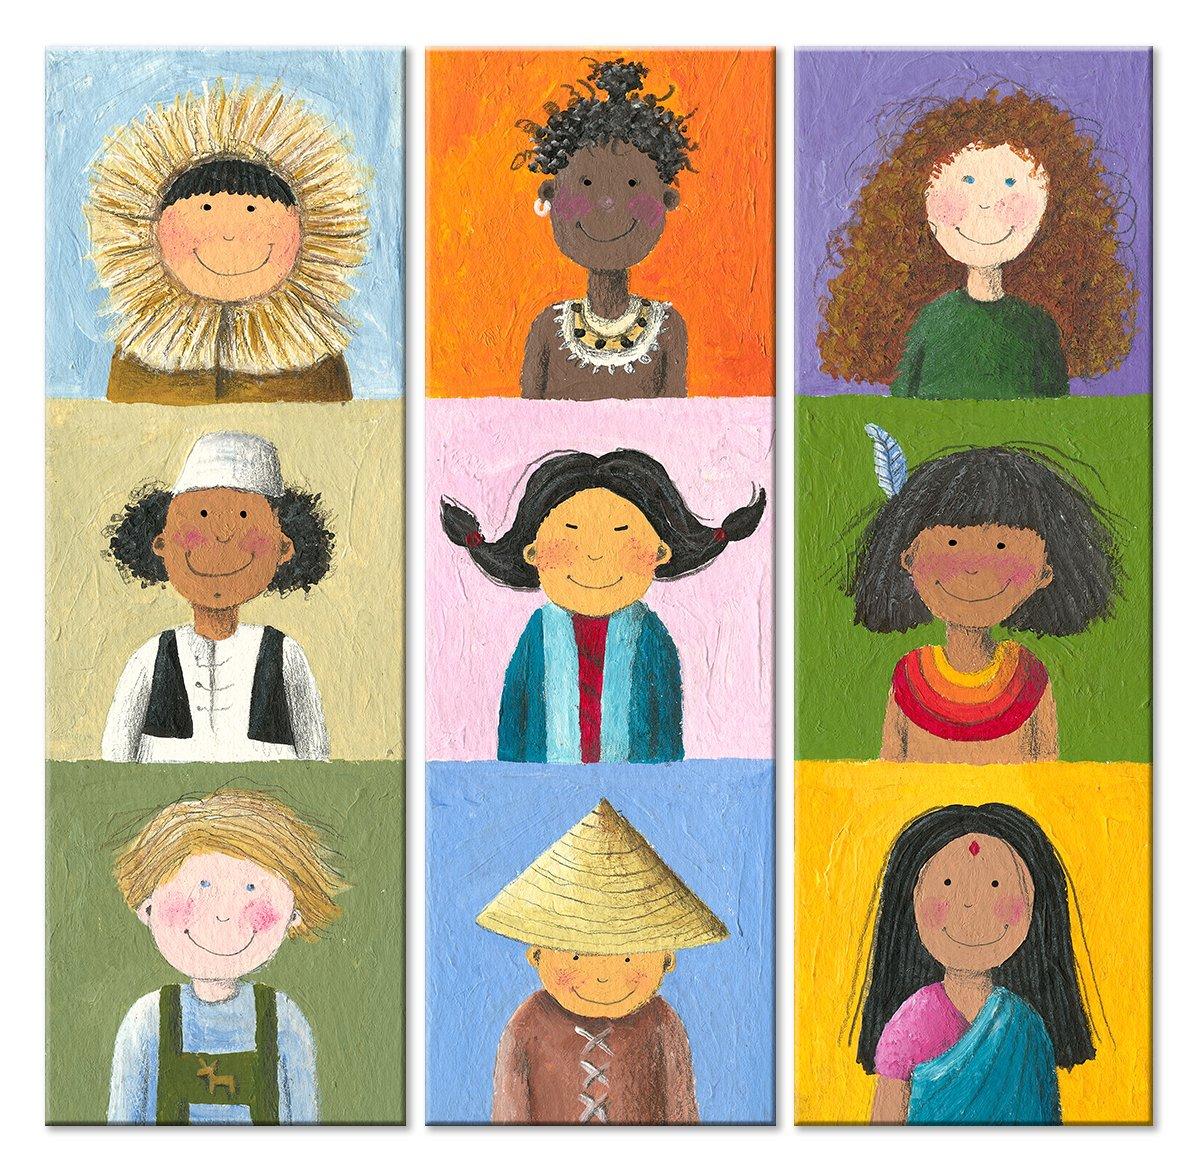 Модульная картина «Дети мира»Детские<br>Модульная картина на натуральном холсте и деревянном подрамнике. Подвес в комплекте. Трехслойная надежная упаковка. Доставим в любую точку России. Вам осталось только повесить картину на стену!<br>